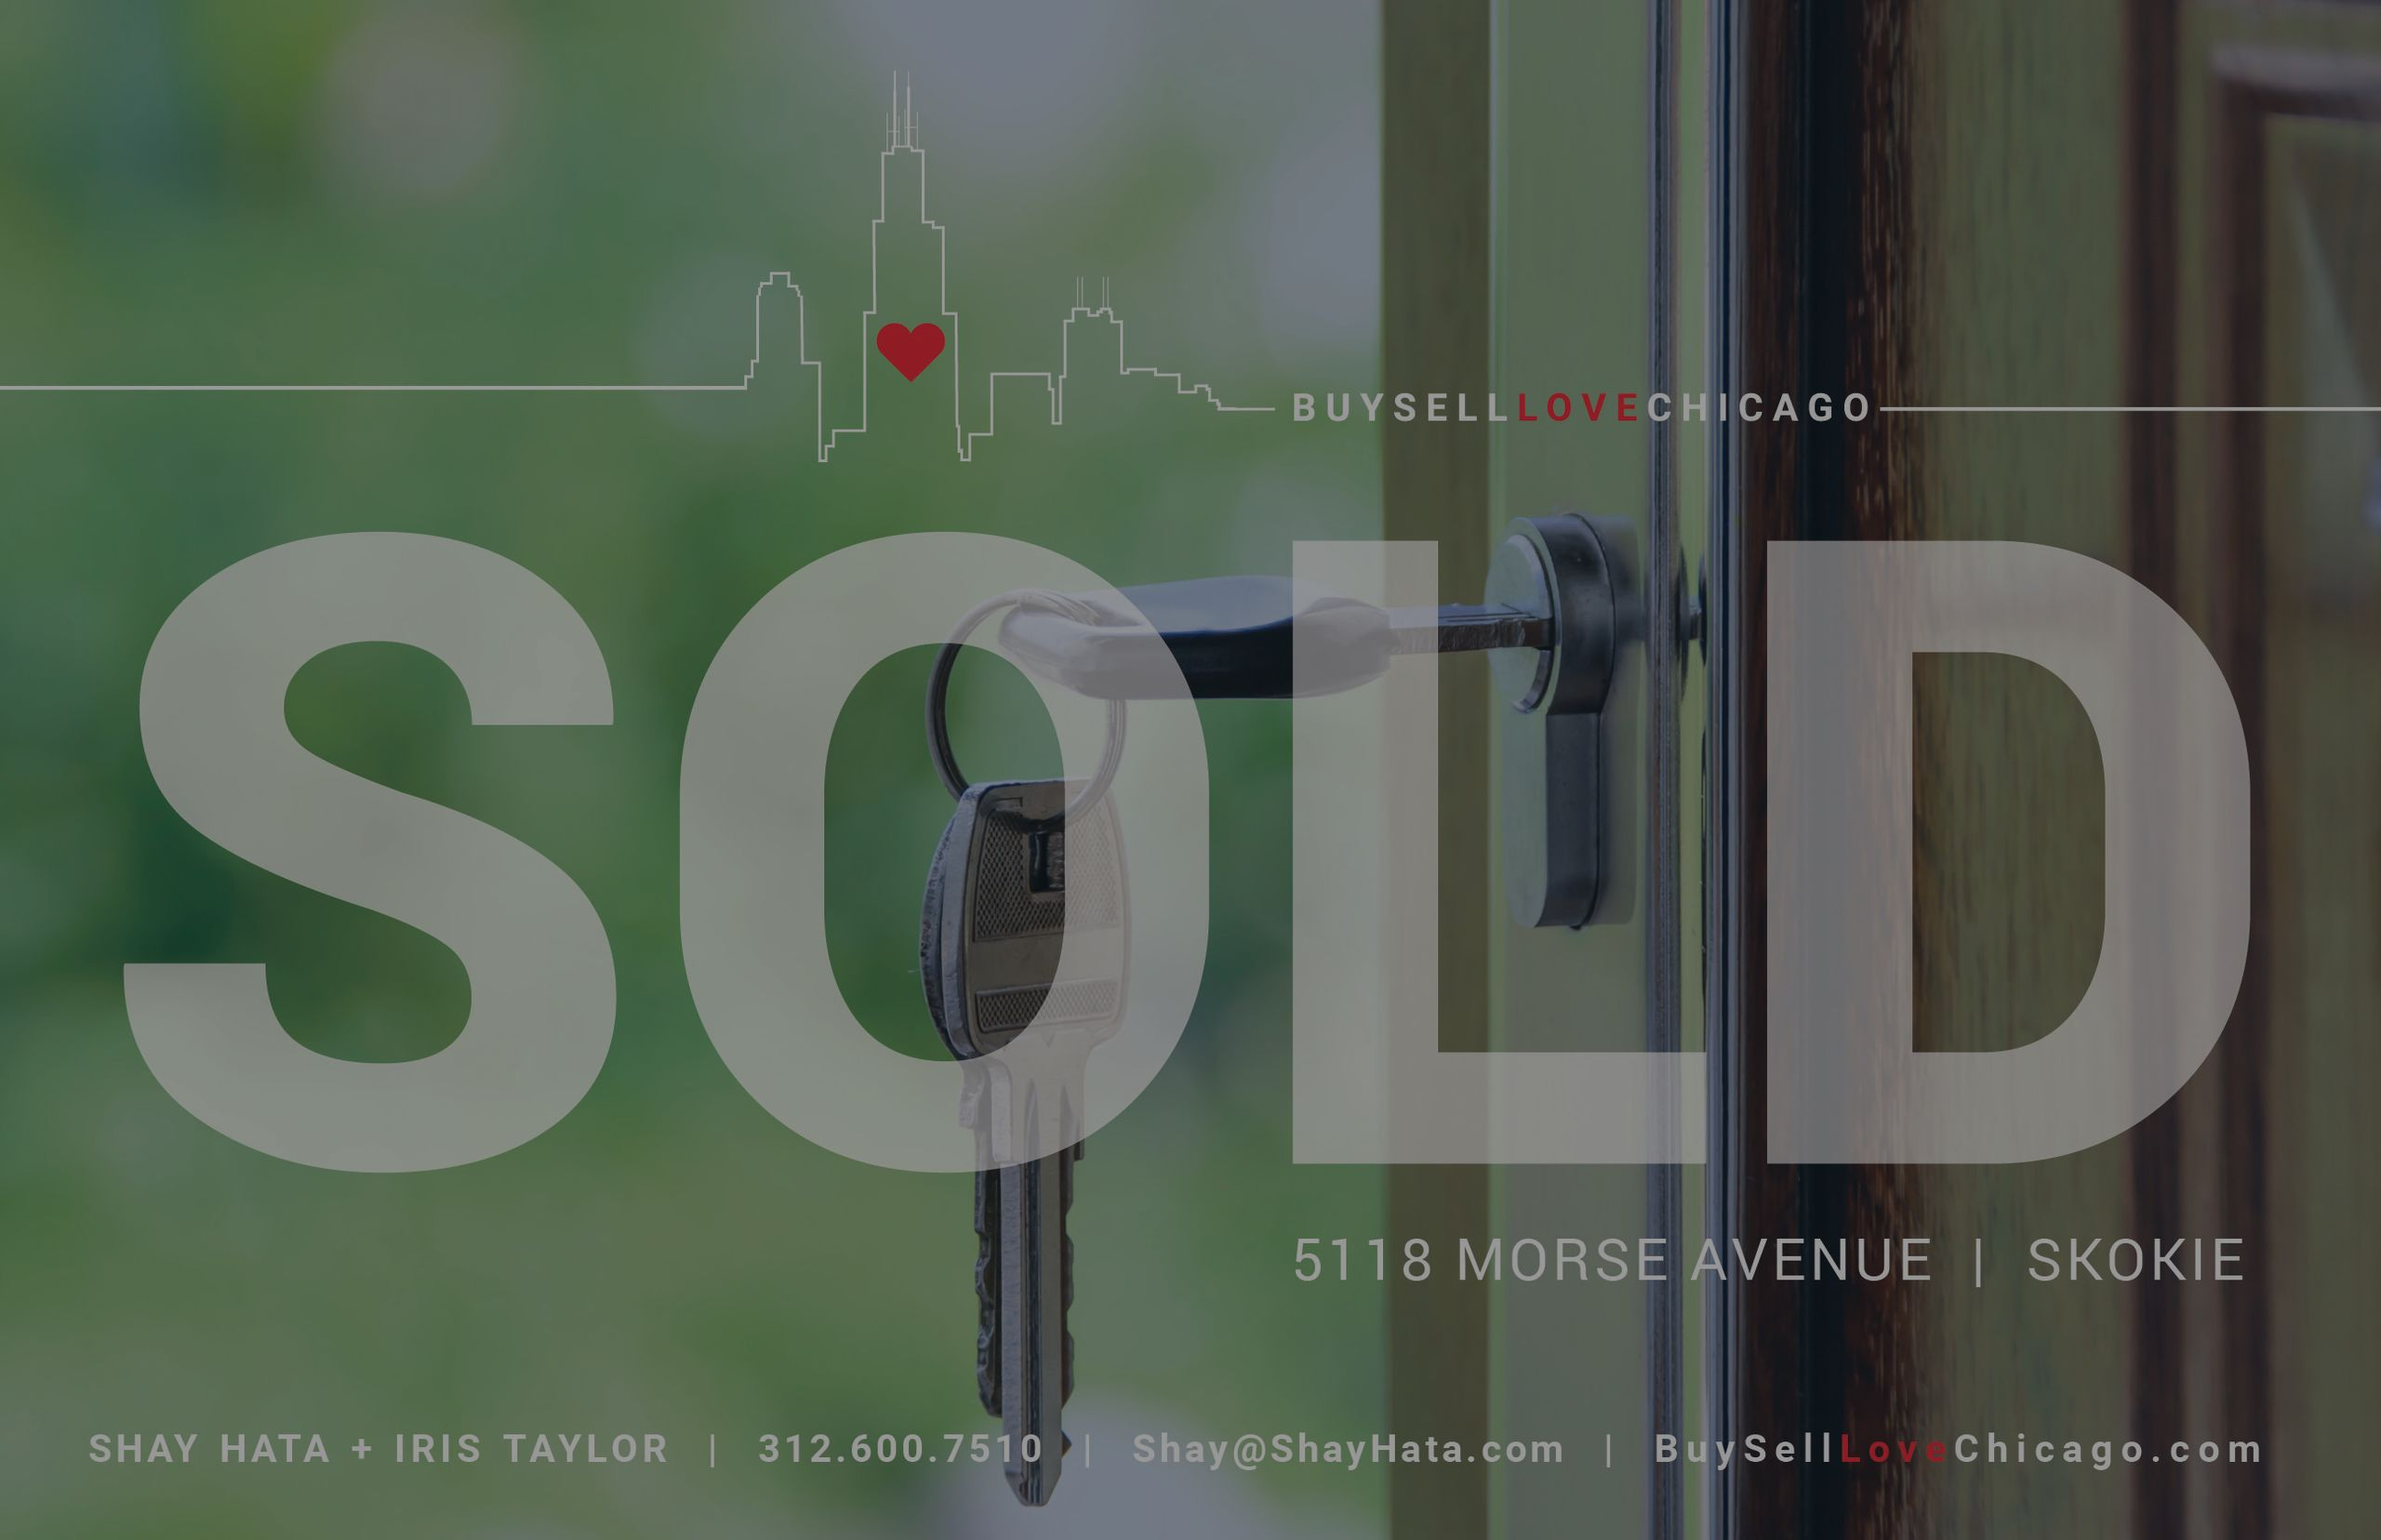 5118 Morse Ave Skokie, IL 60077